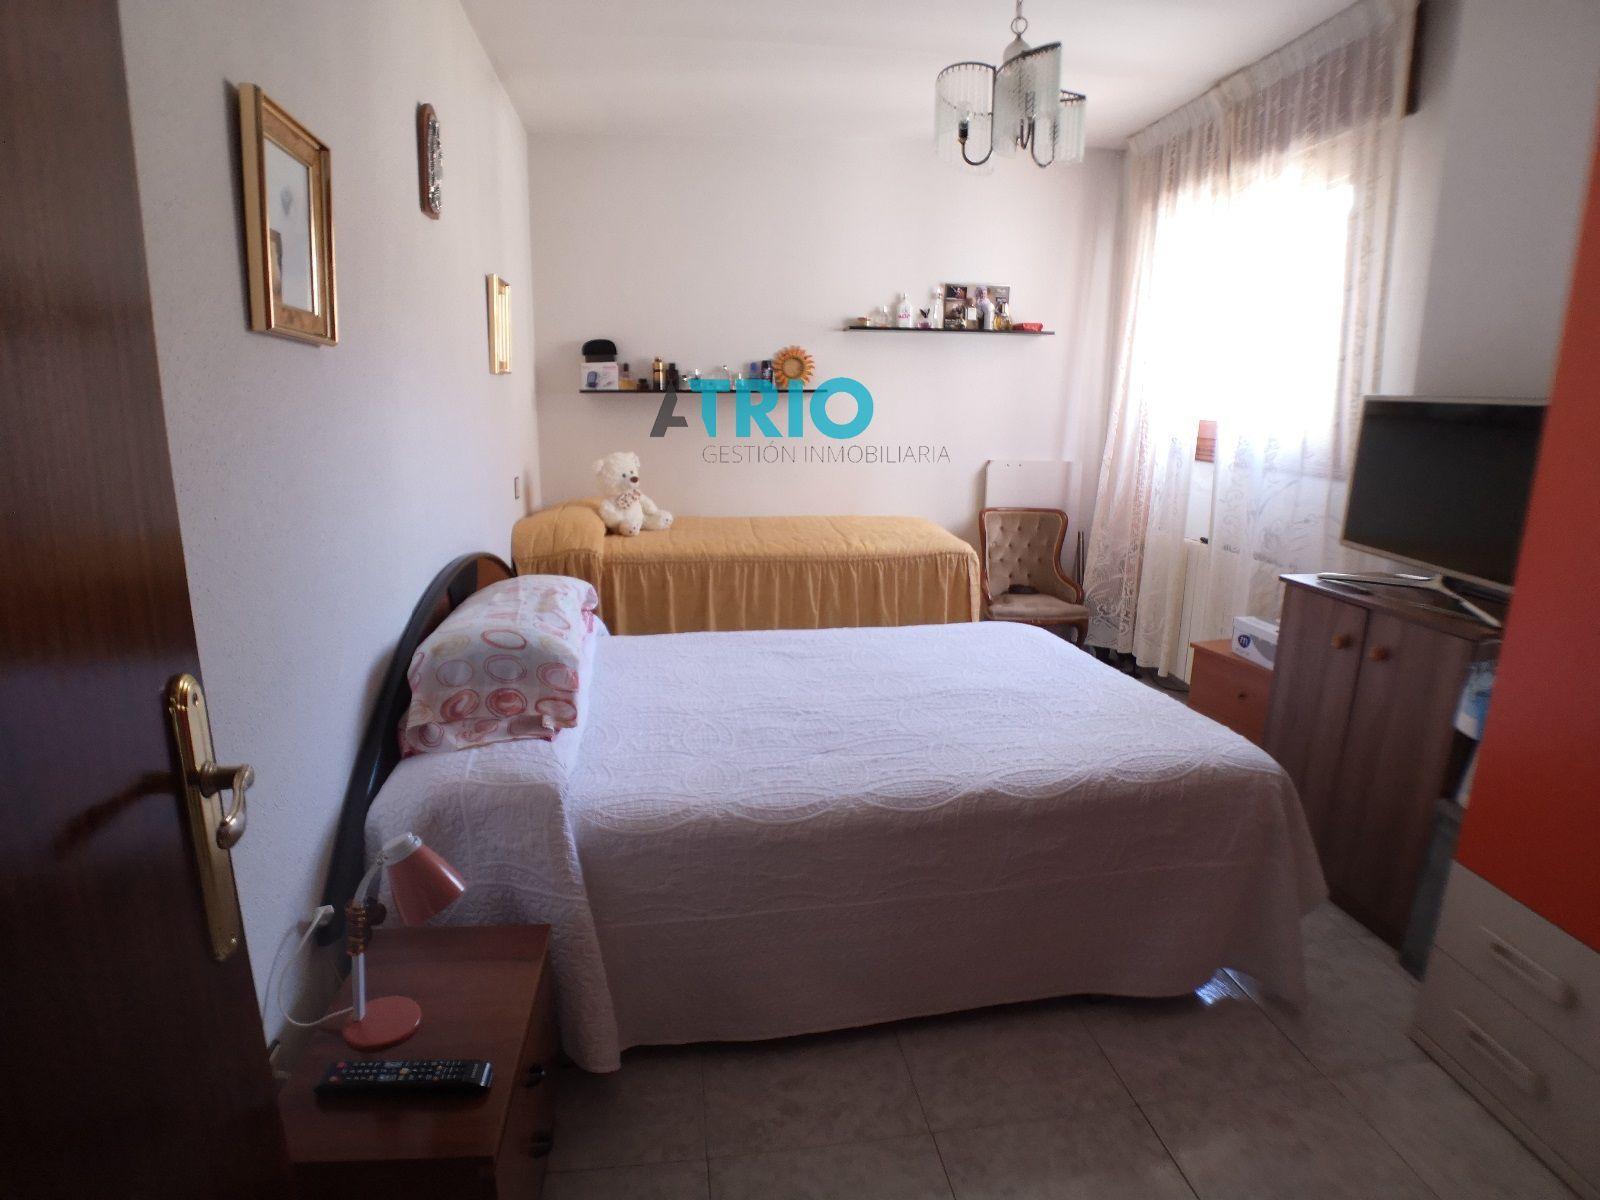 dia.mobiliagestion.es/Portals/inmoatrio/Images/7066/5406529